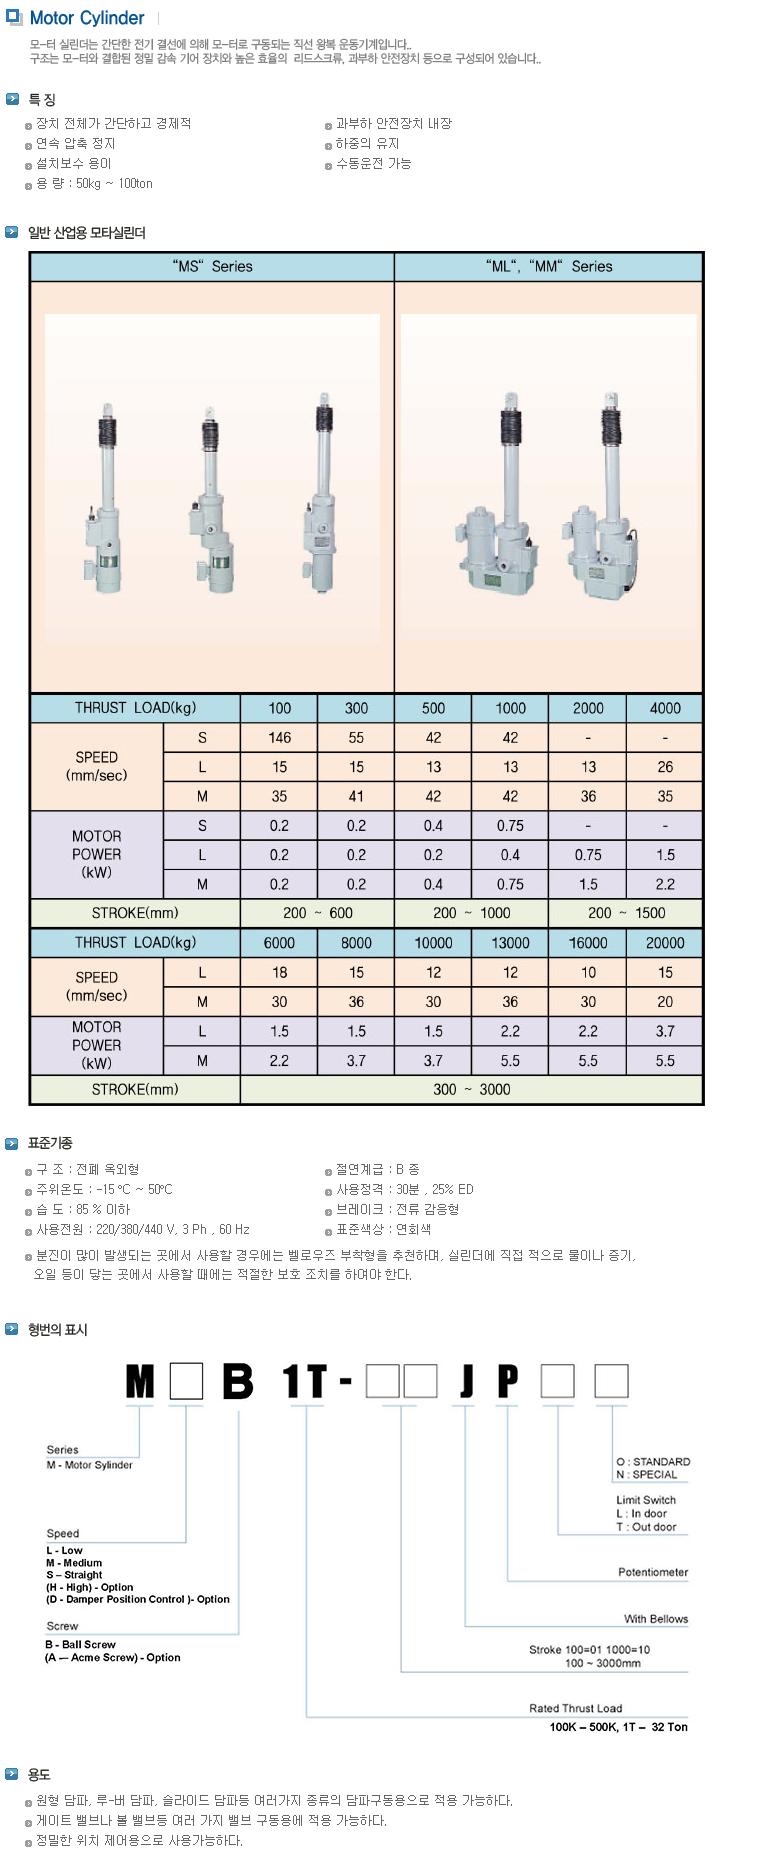 신화기연(주) 모터 실린더 M Series 1